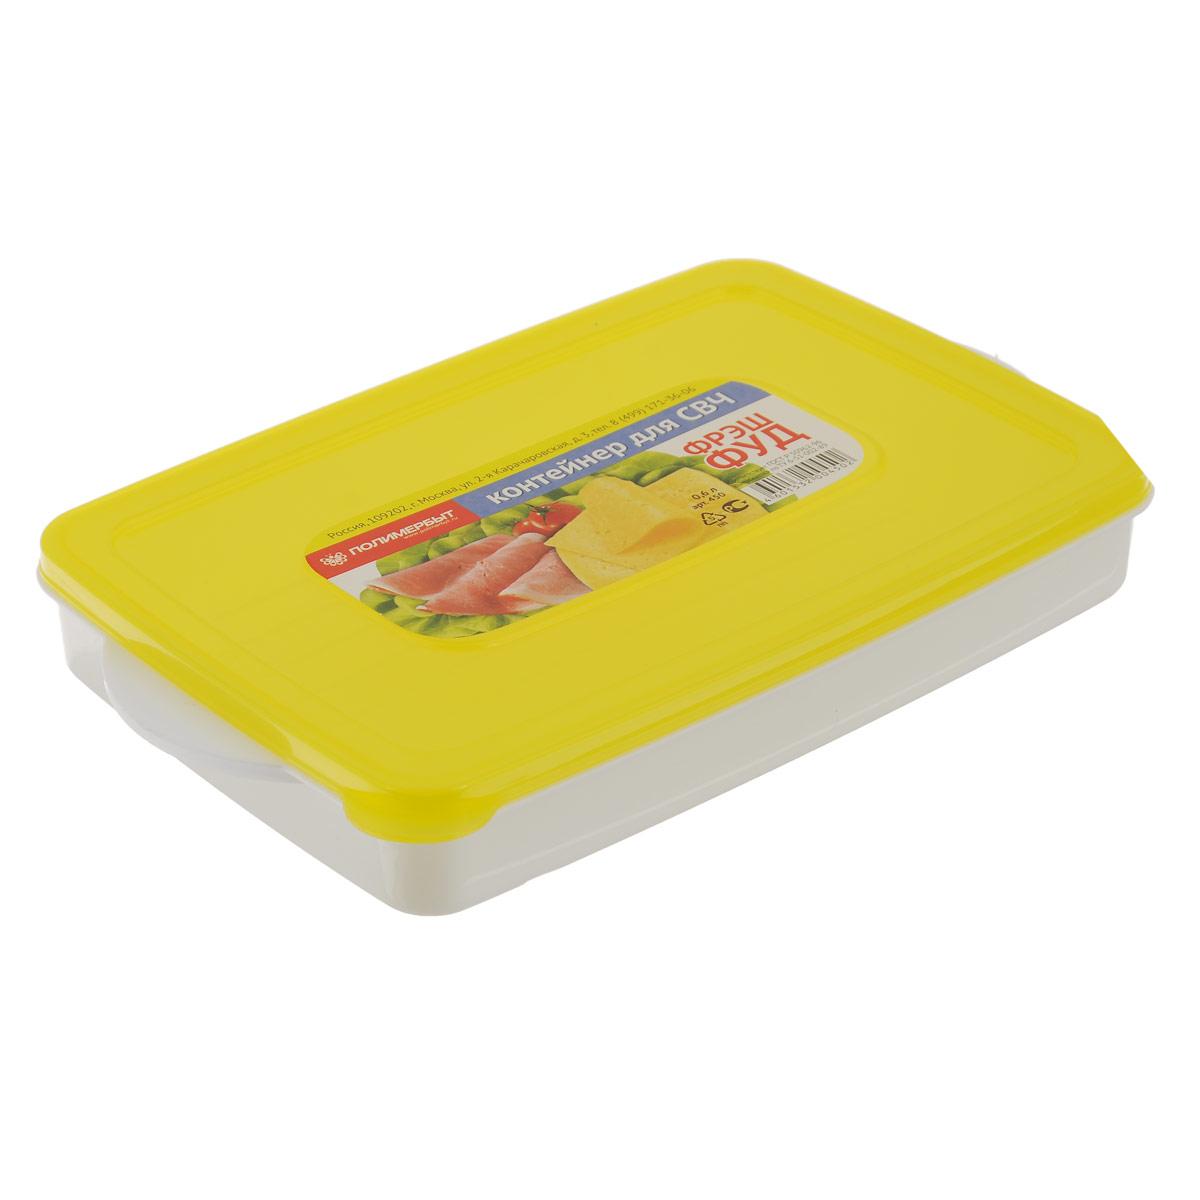 Контейнер Полимербыт Фрэш фуд, цвет: белый, желтый, 600 мл контейнер вакуумный пластиковый для хранения продуктов 136х136х71 мл 600 мл желтый 1249501